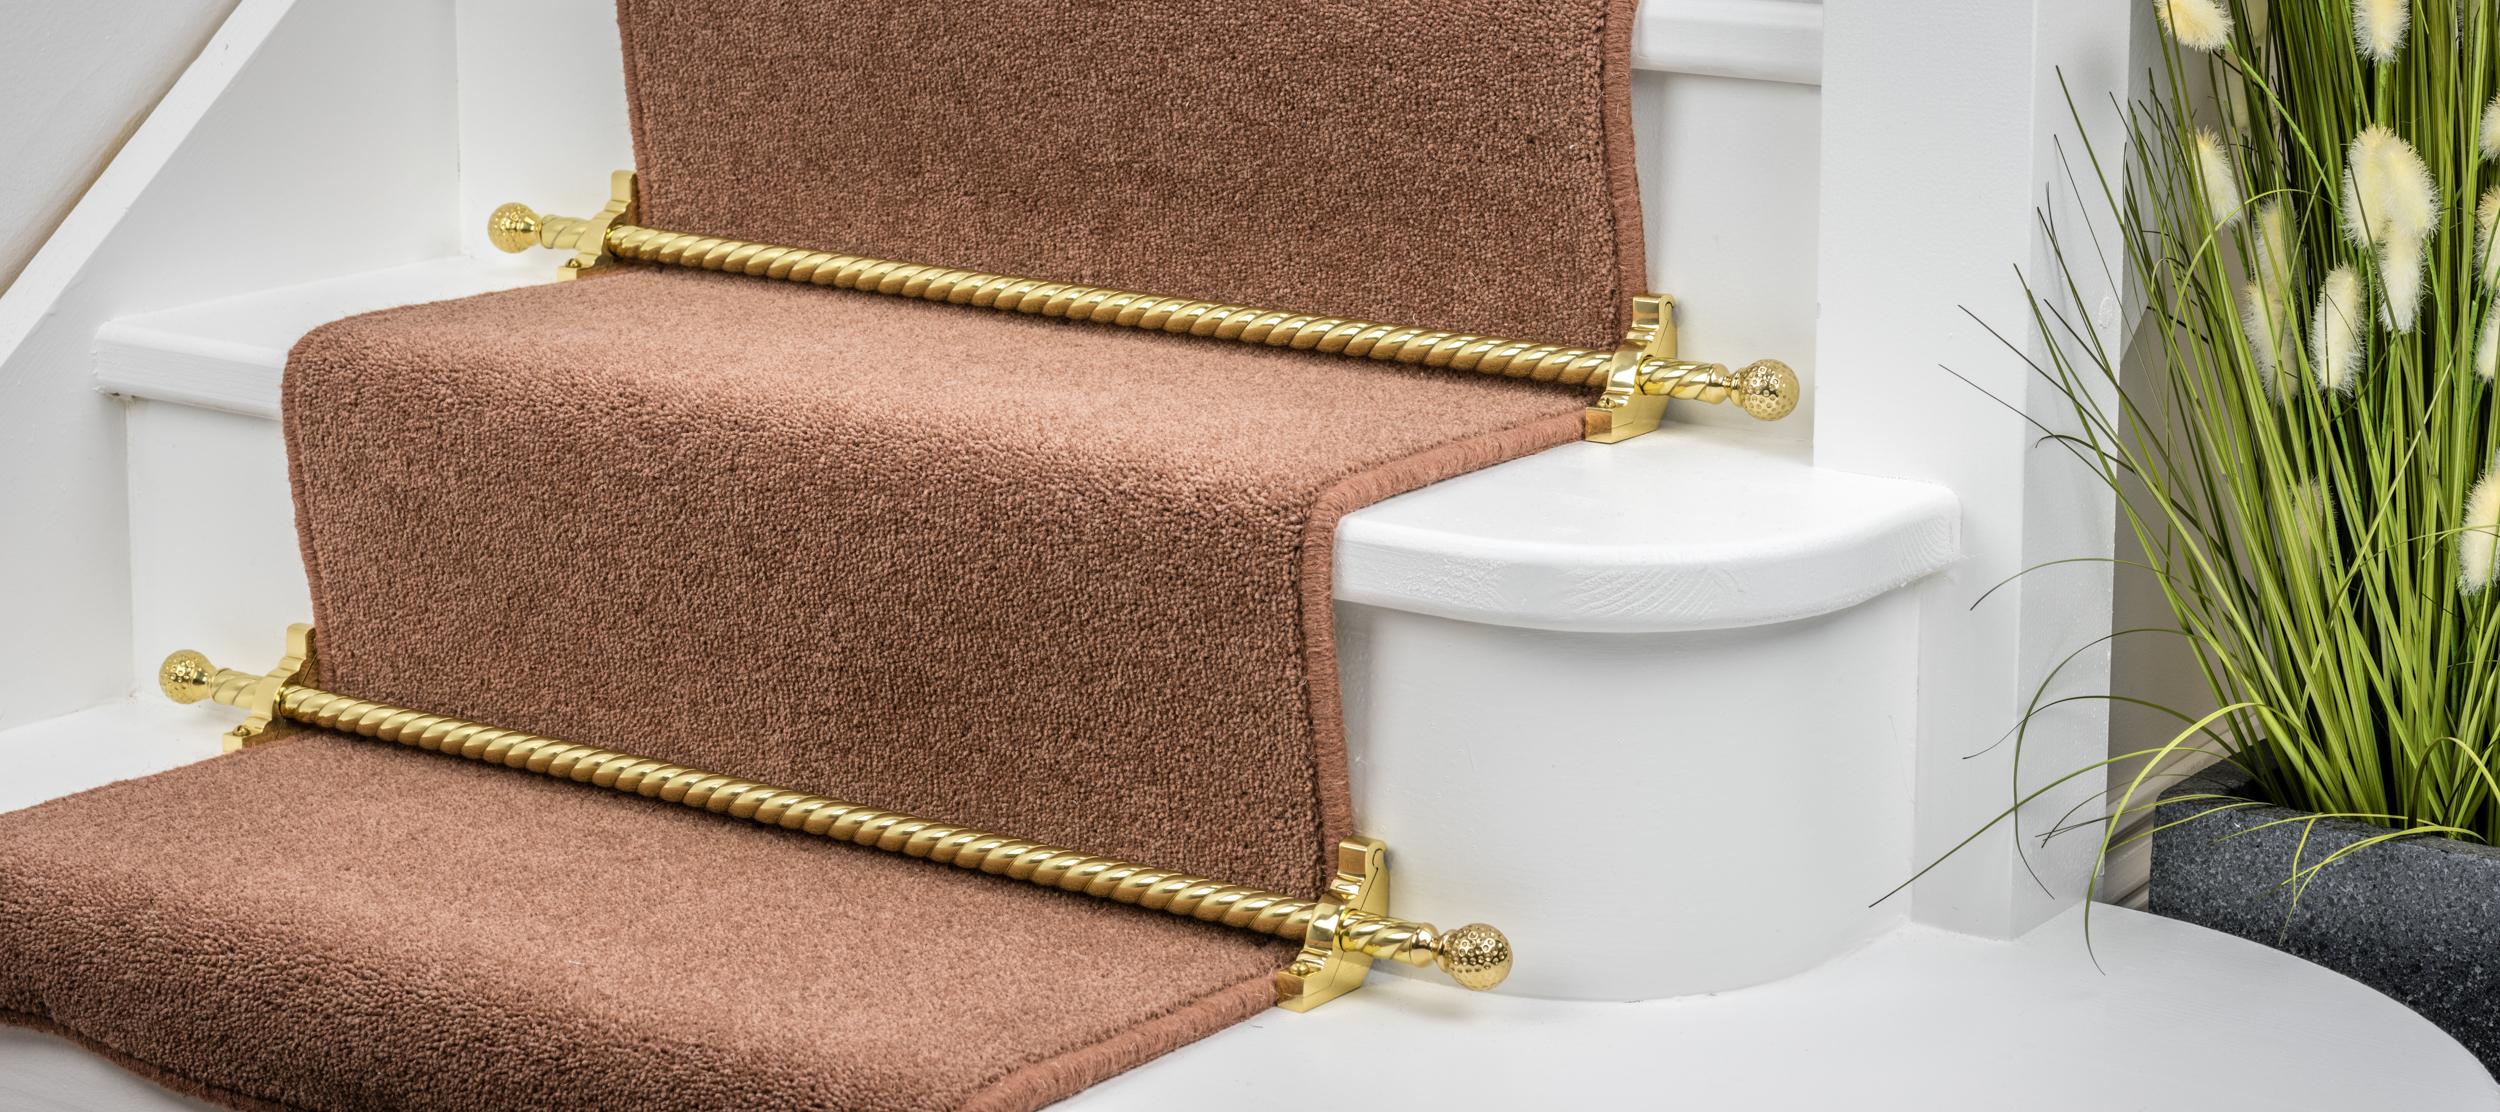 stairrods-brass-rope-twist-dune.jpg